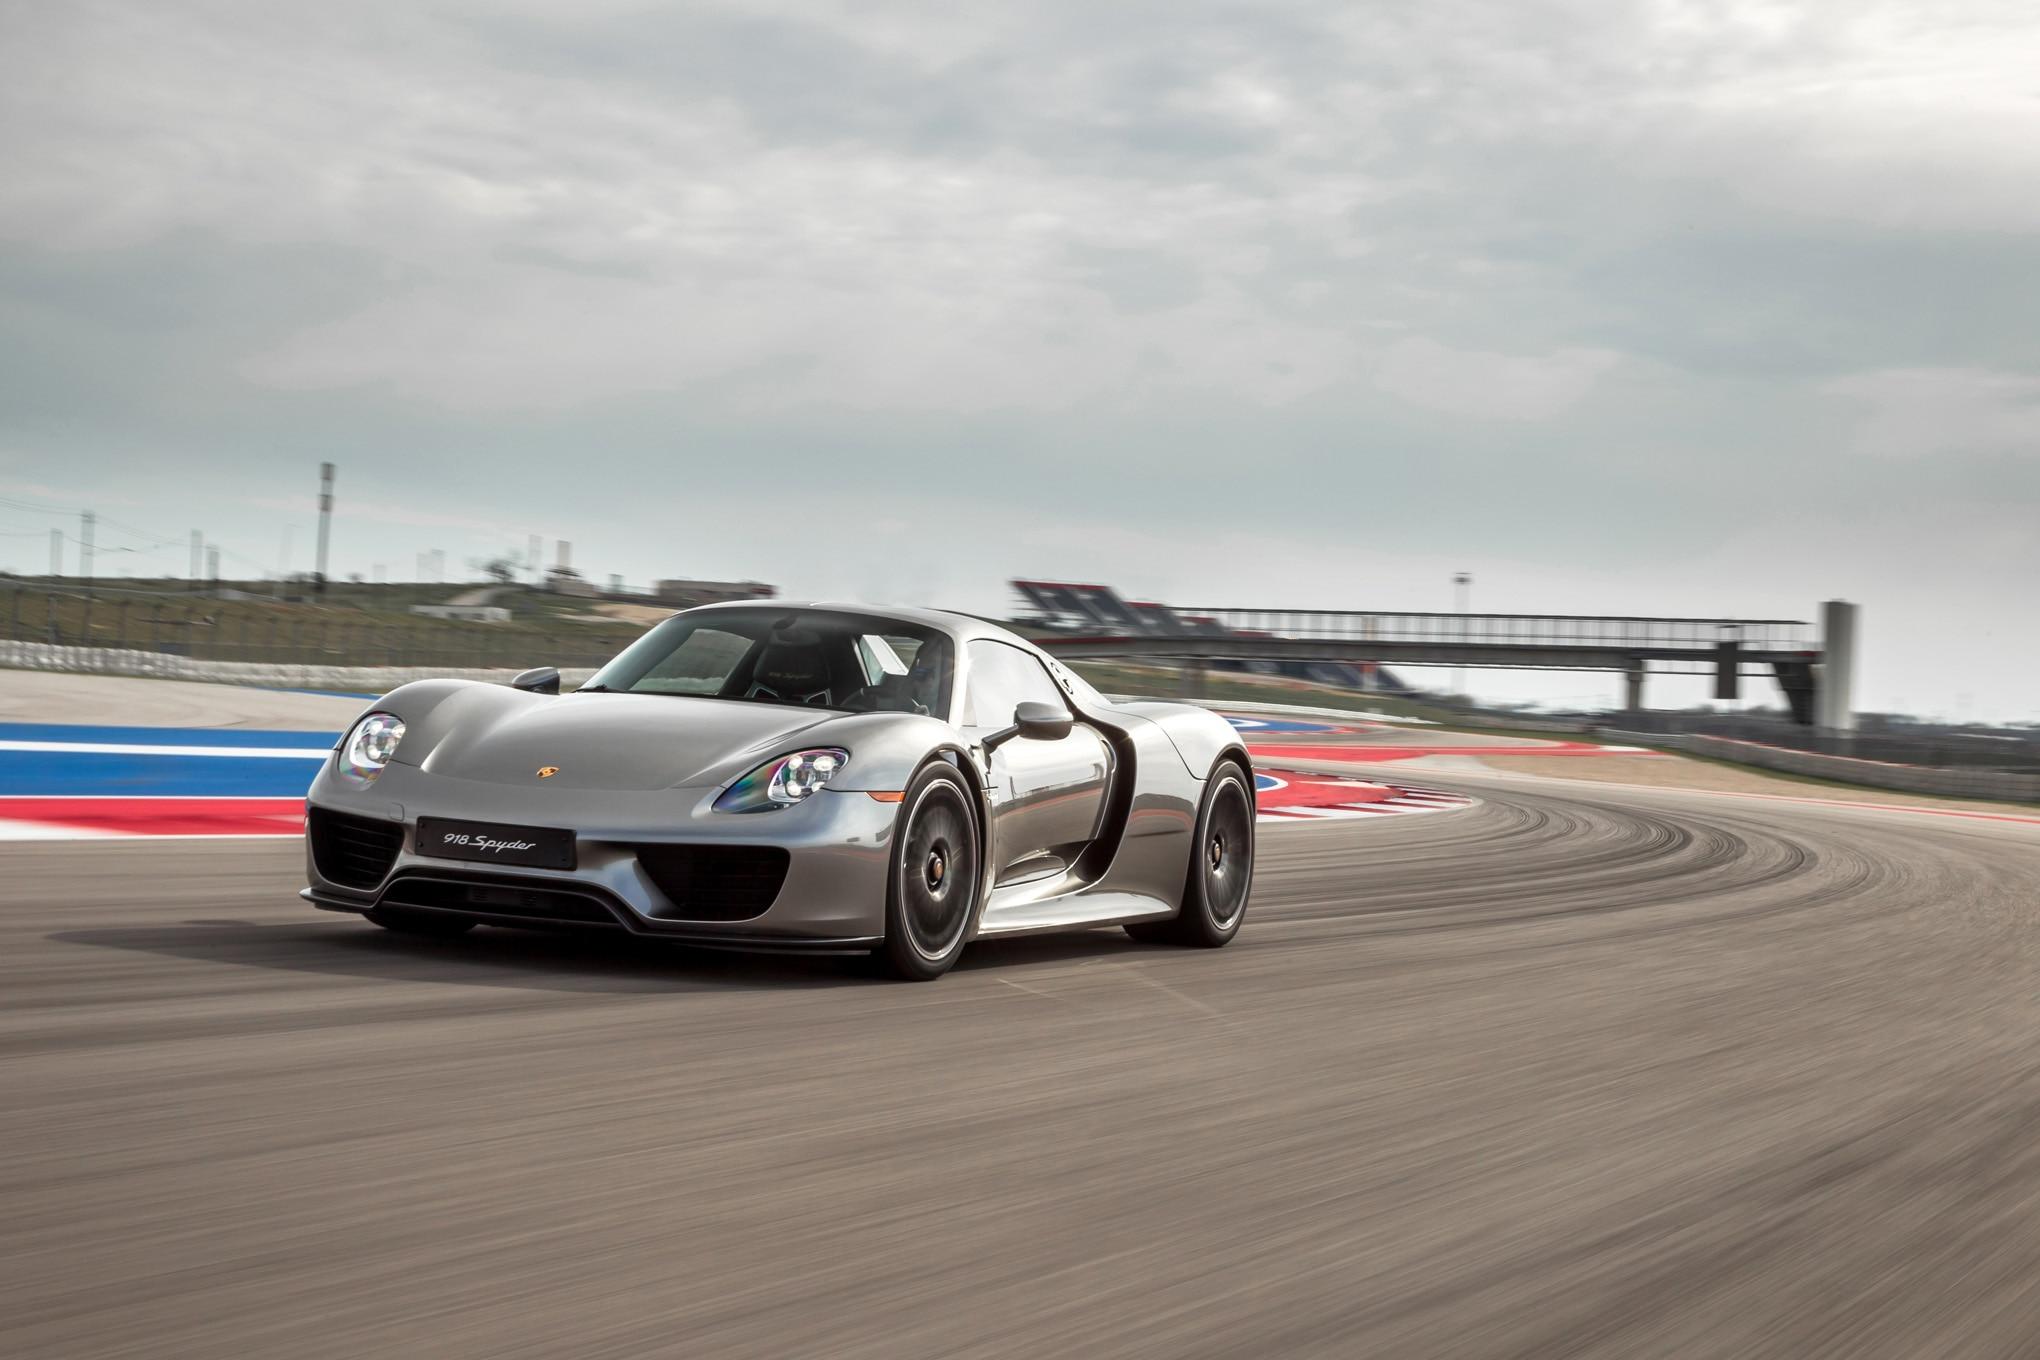 2015-Porsche-918-Spyder-front-three-quarter-in-motion-021 Mesmerizing Porsche 918 Spyder London Ontario Cars Trend